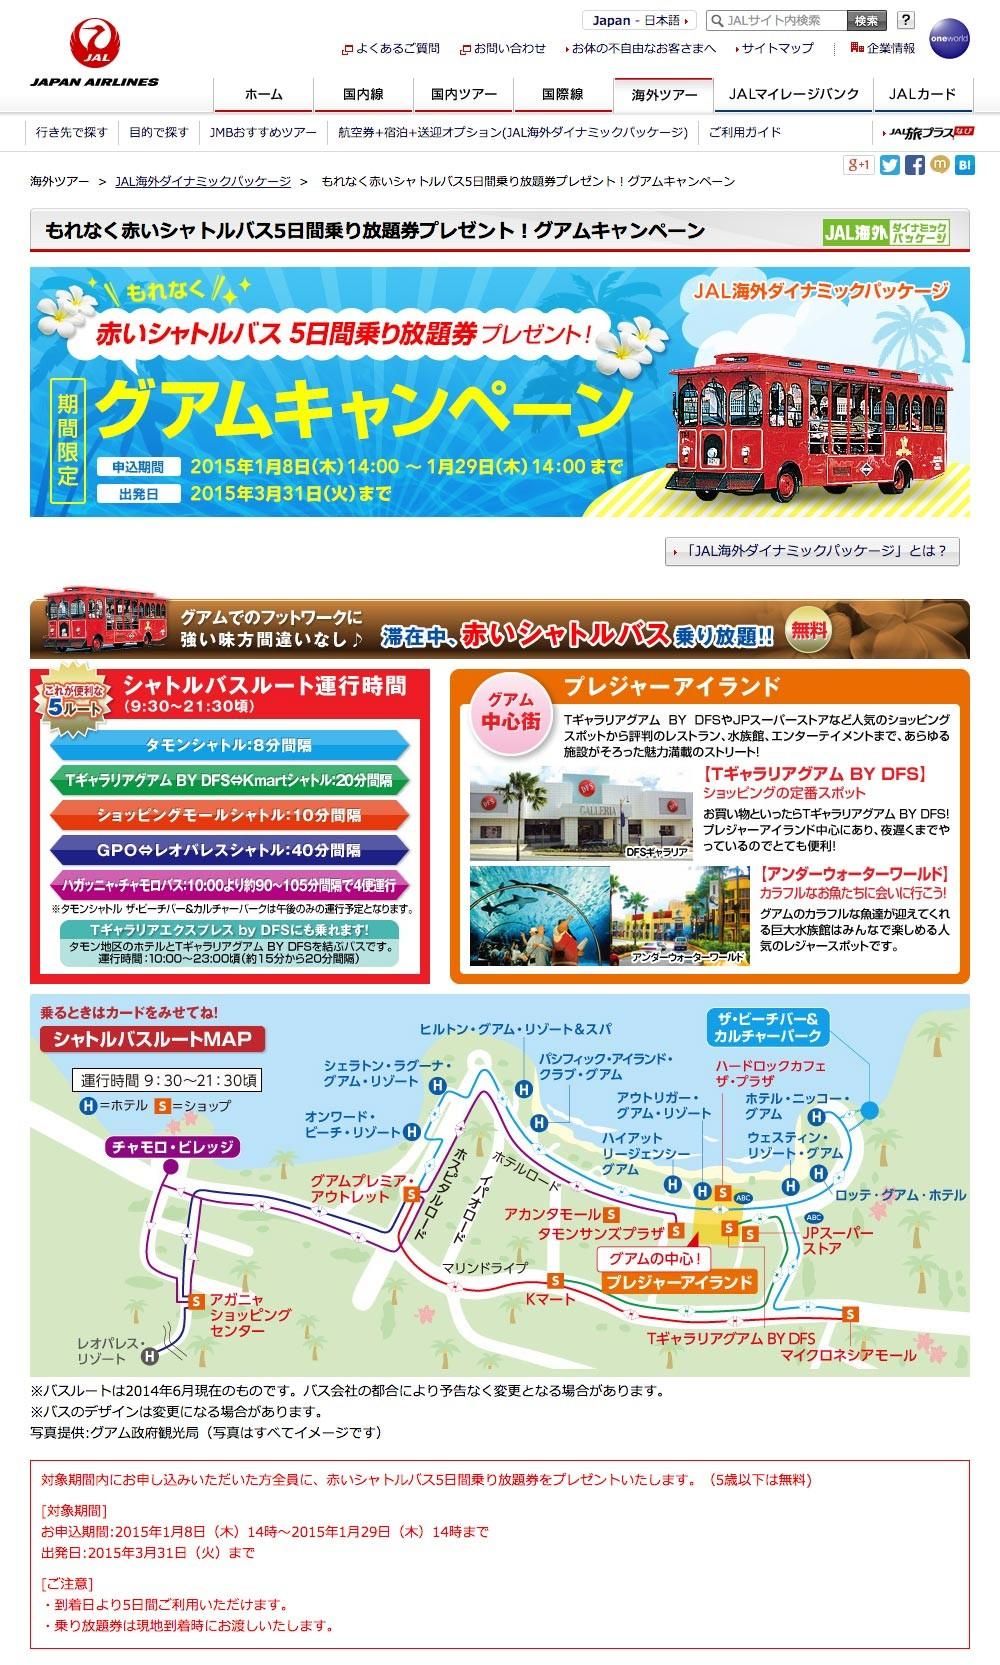 グアムシャトルバス5日間乗り放題券プレゼント (JAL海外ダイナミックパッケージ)